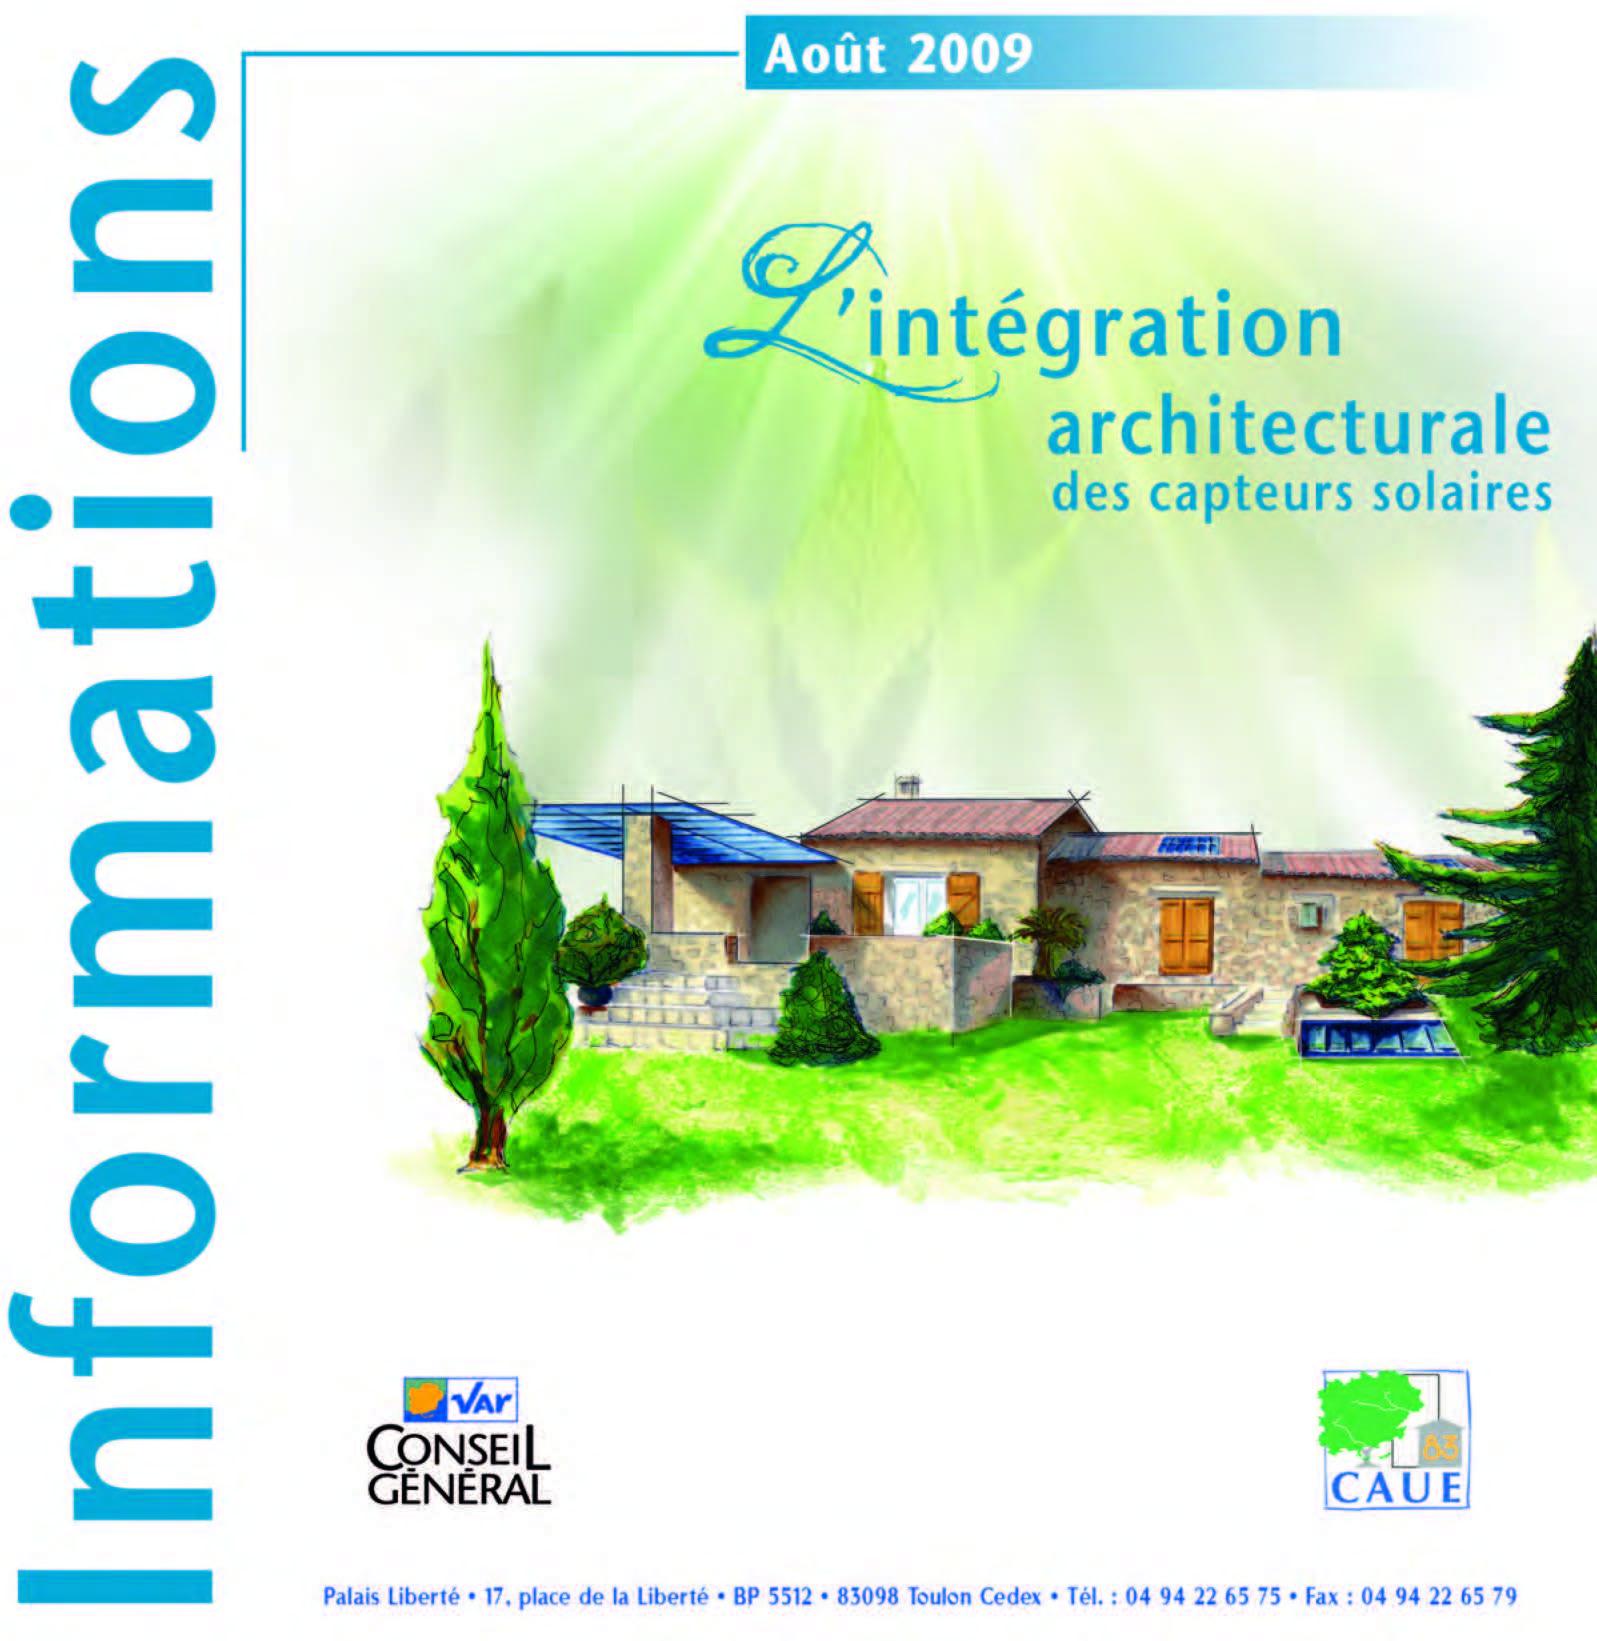 L'intégration architecturale des capteurs solaires